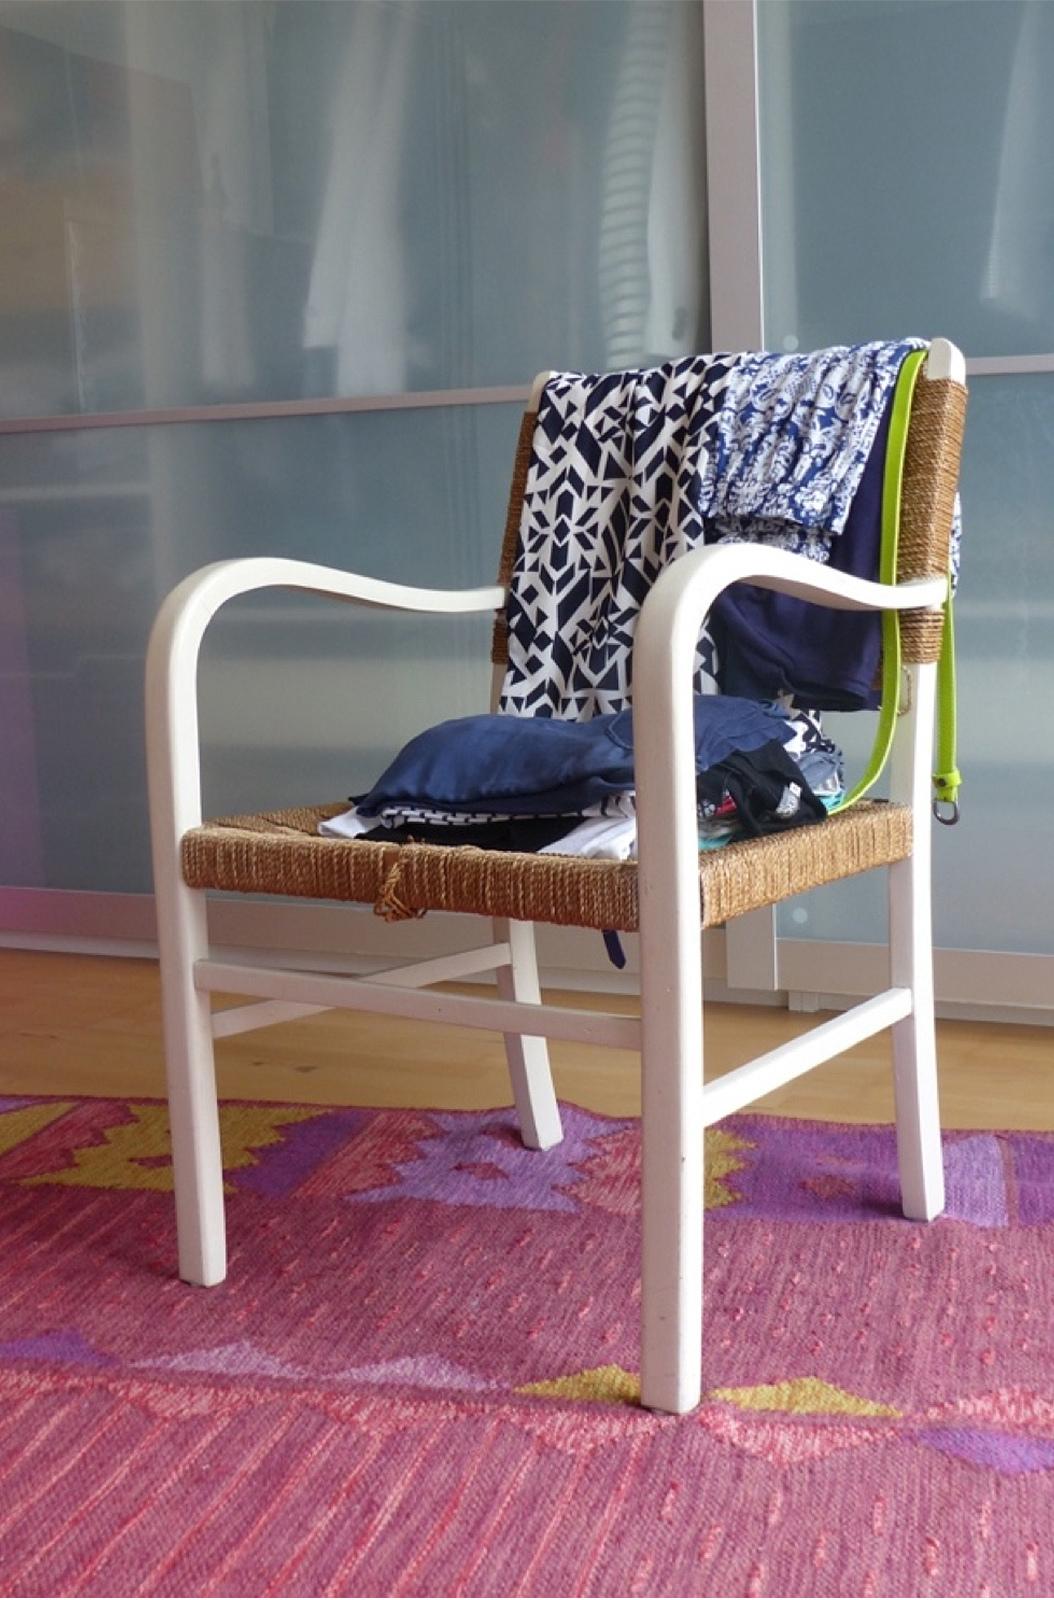 Full Size of Stuhl Für Schlafzimmer Der Ablagestuhl Ein Immer Passt Ikea Unternehmensblog Deckenleuchte Vinyl Fürs Bad Hotel Fürstenhof Griesbach Gardinen Die Küche Schlafzimmer Stuhl Für Schlafzimmer